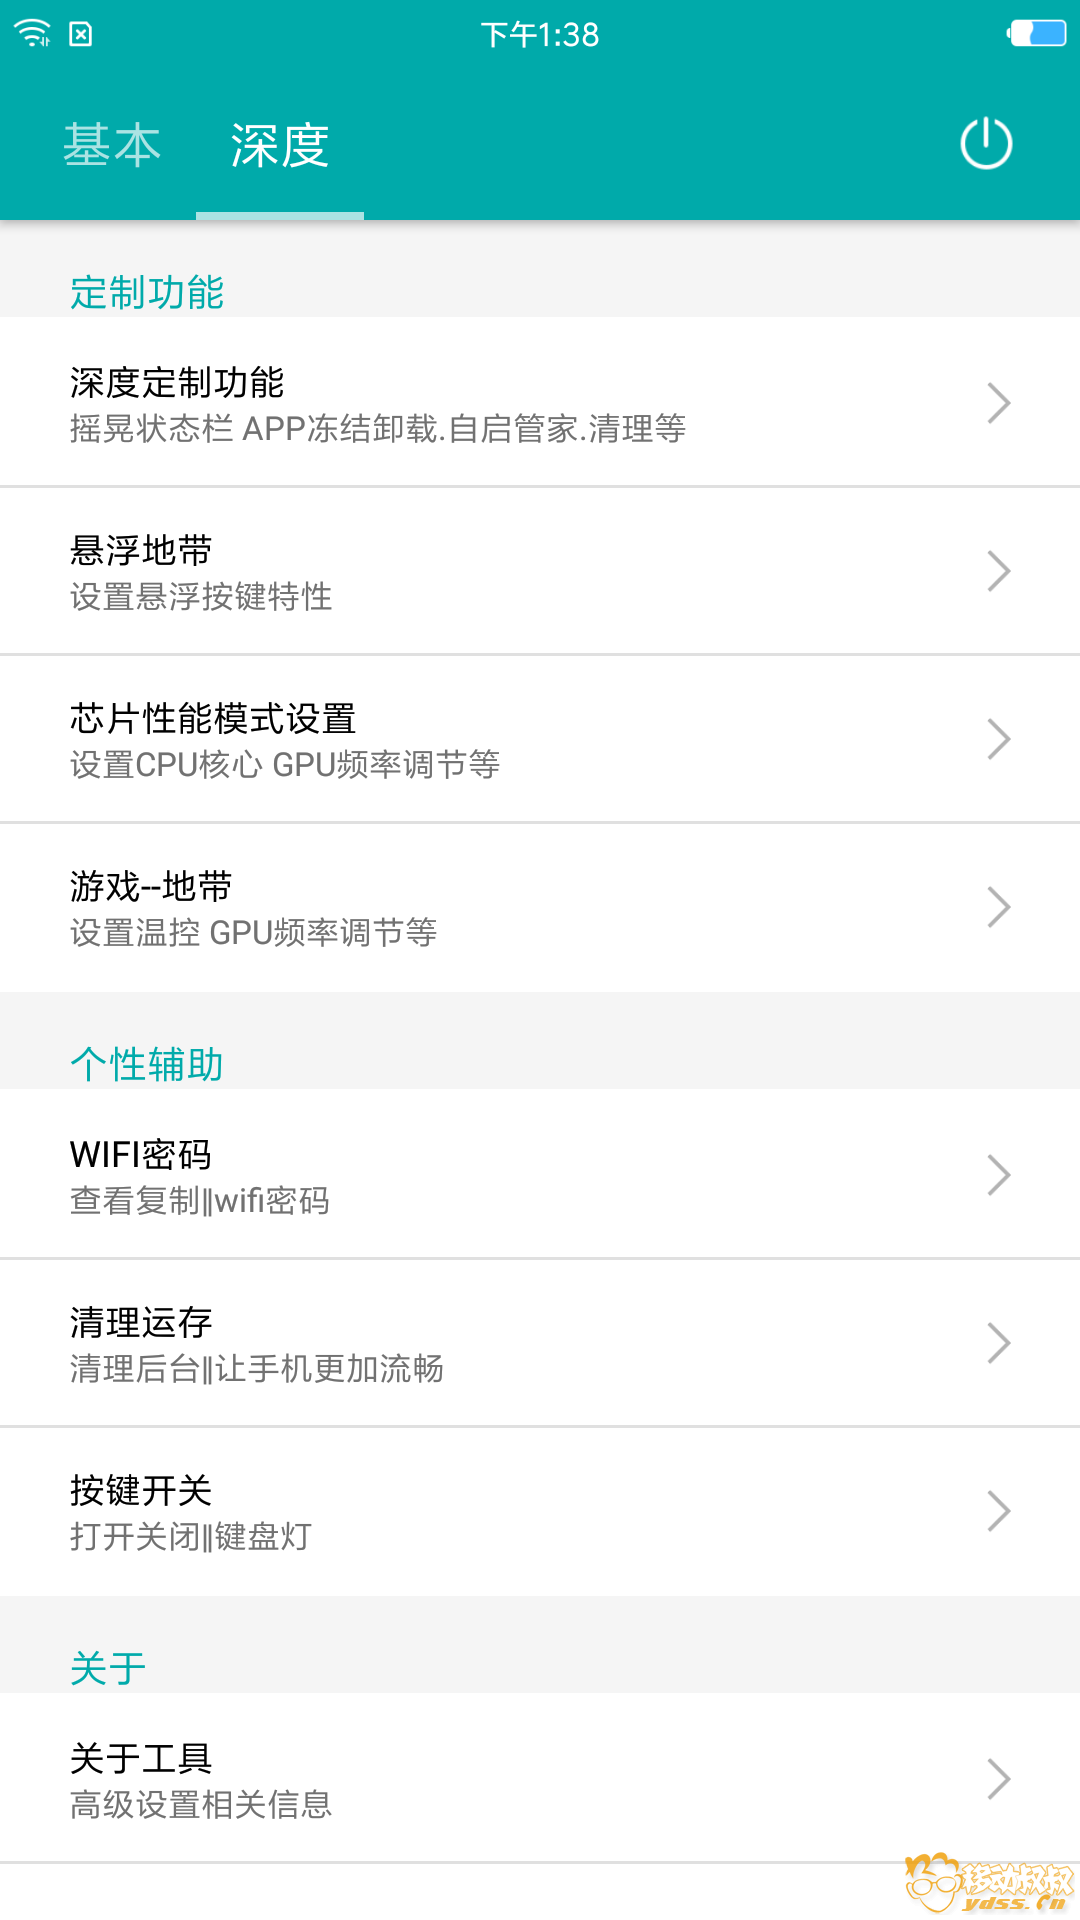 Screenshot_2018-09-19-13-38-19-684_com.lay.superTool.png